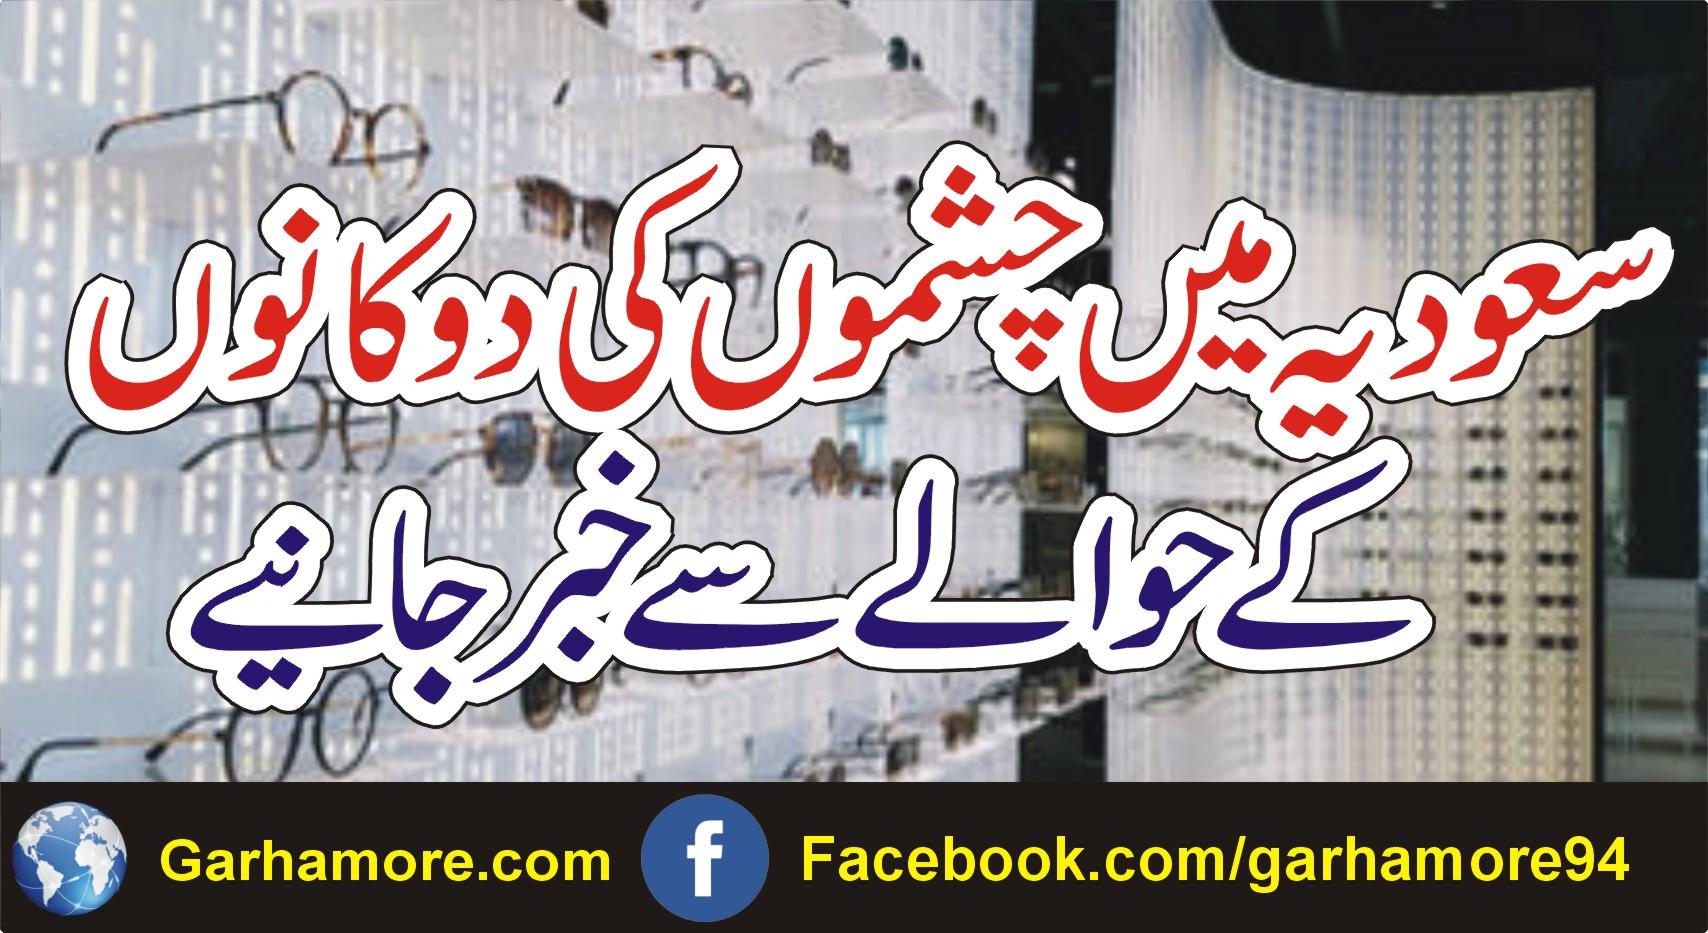 سعودیہ میں چشموں کی دوکانوں کے حوالے سے خبر ! تفصیلات جانیے